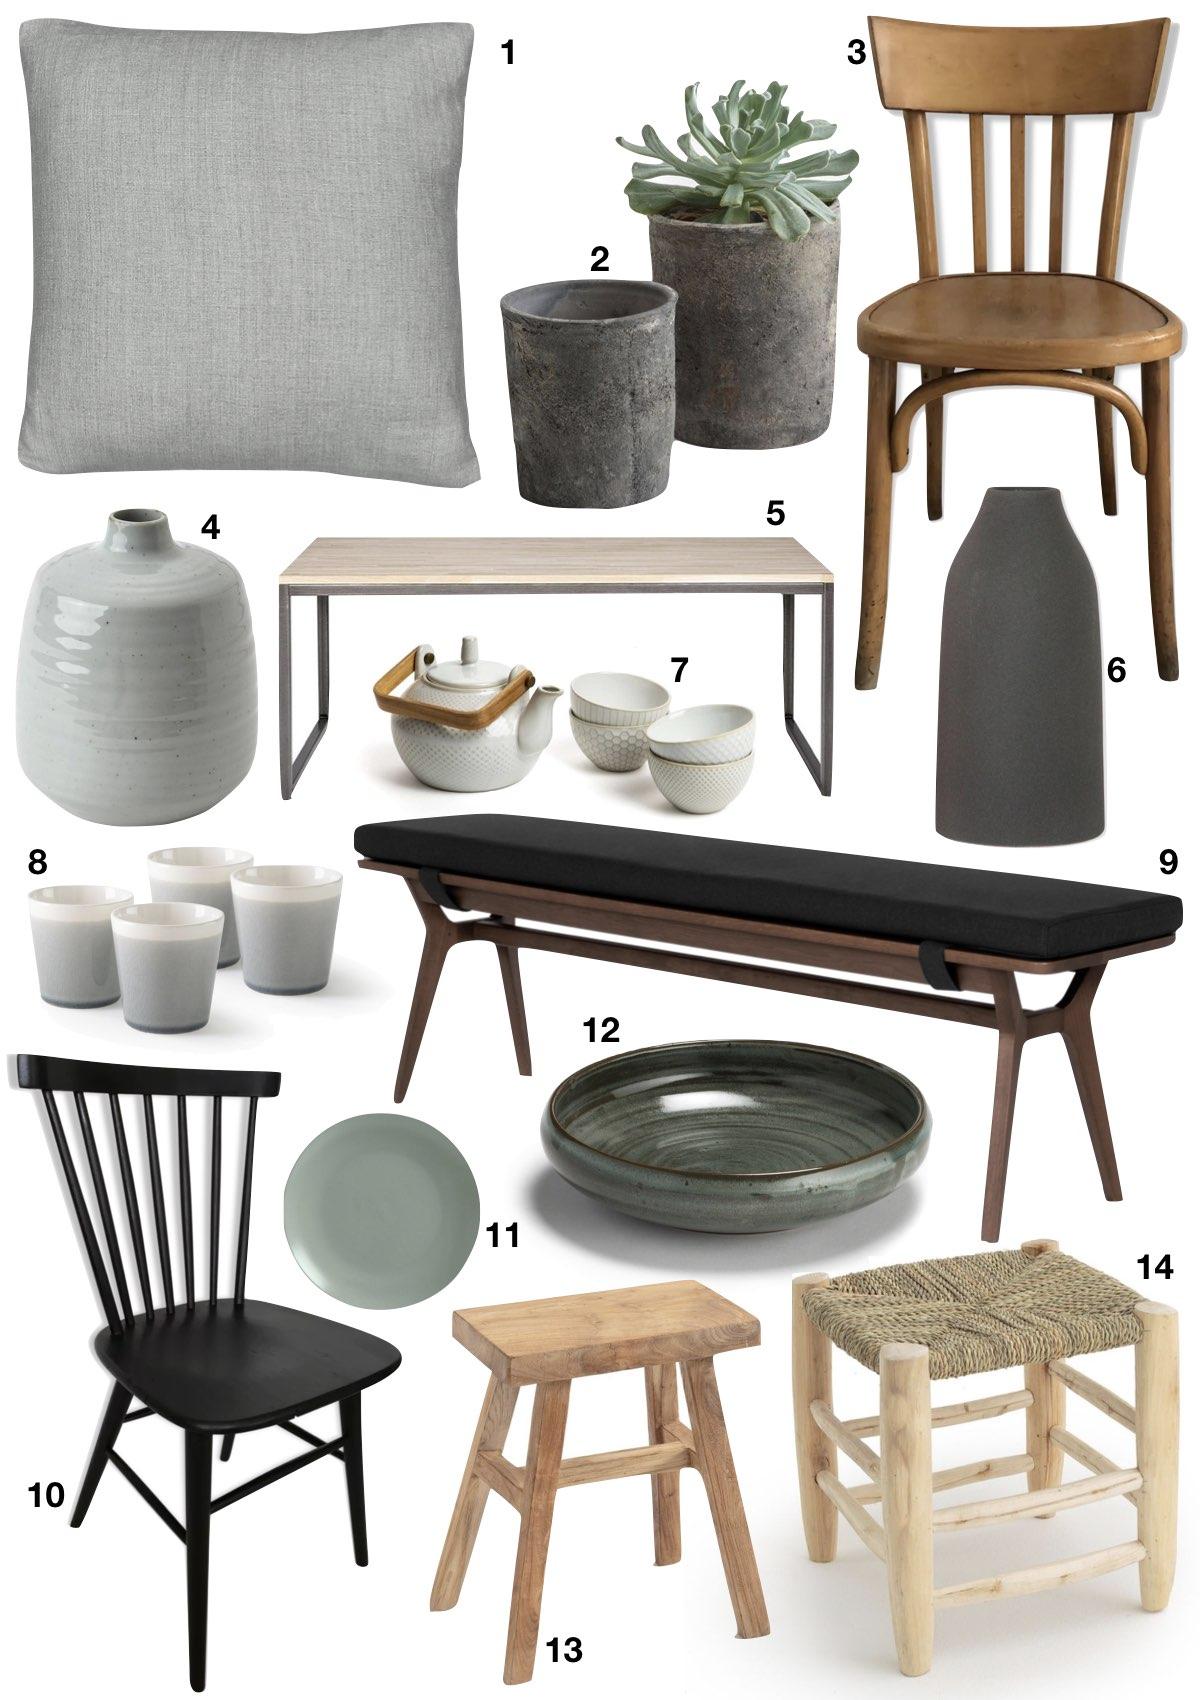 japandi style décoration design japonais scandinave - blog déco - clem around the corner